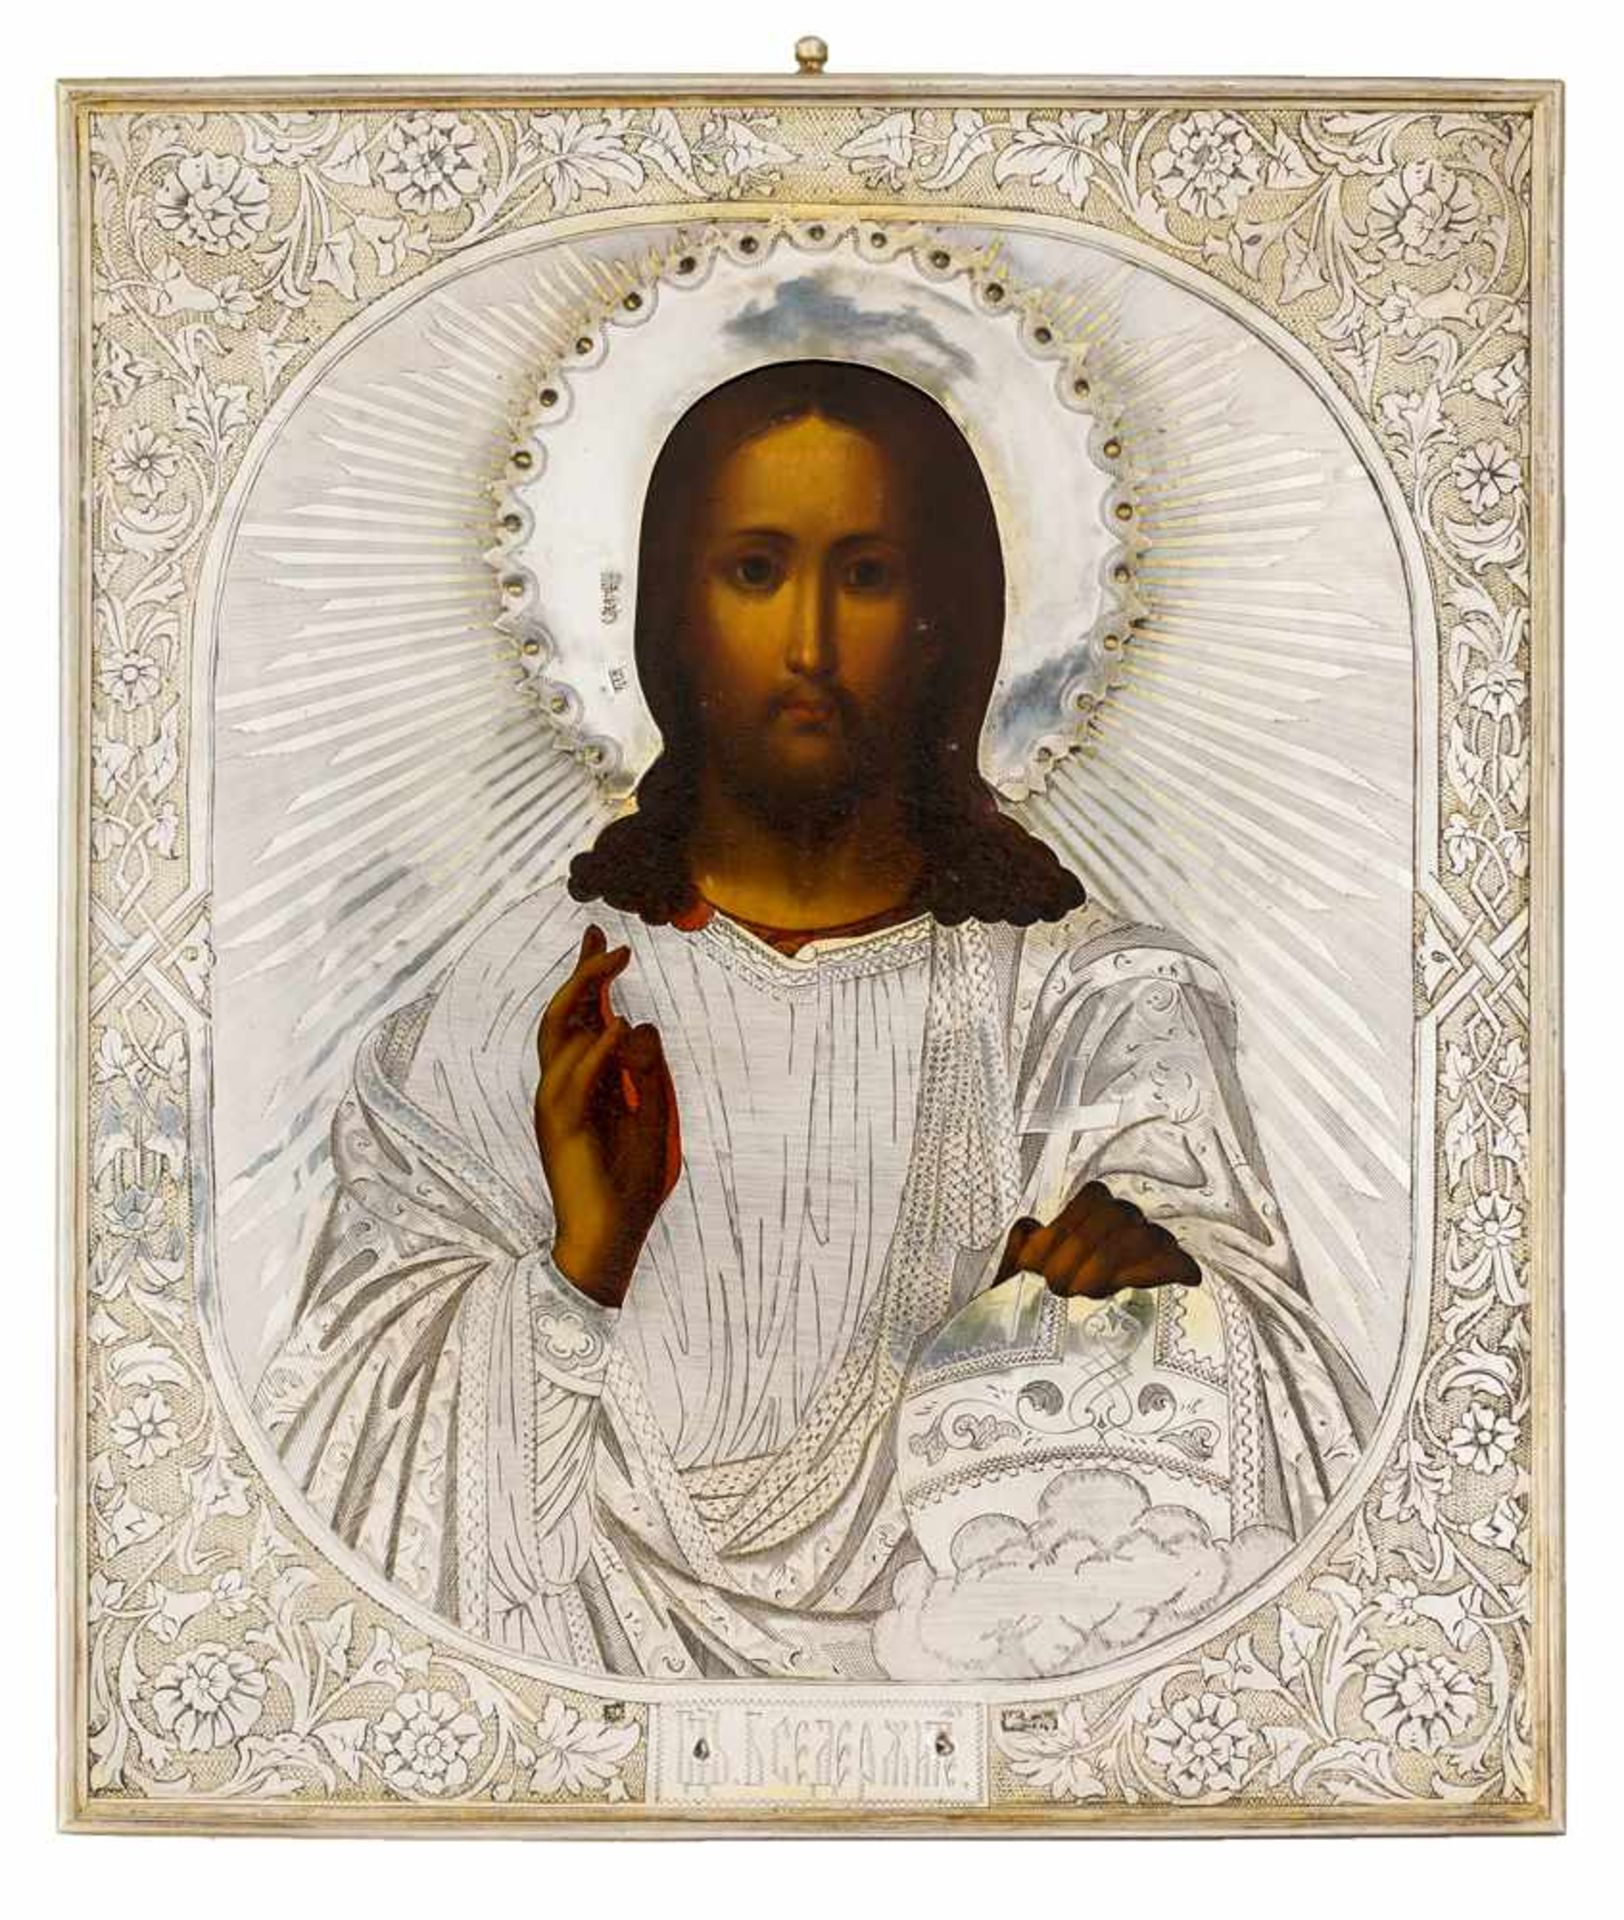 *Christus Pantokrator Russische Ikone, 2. Hälfte 19. Jh., mit Silberoklad (320 g), Moskau 1867